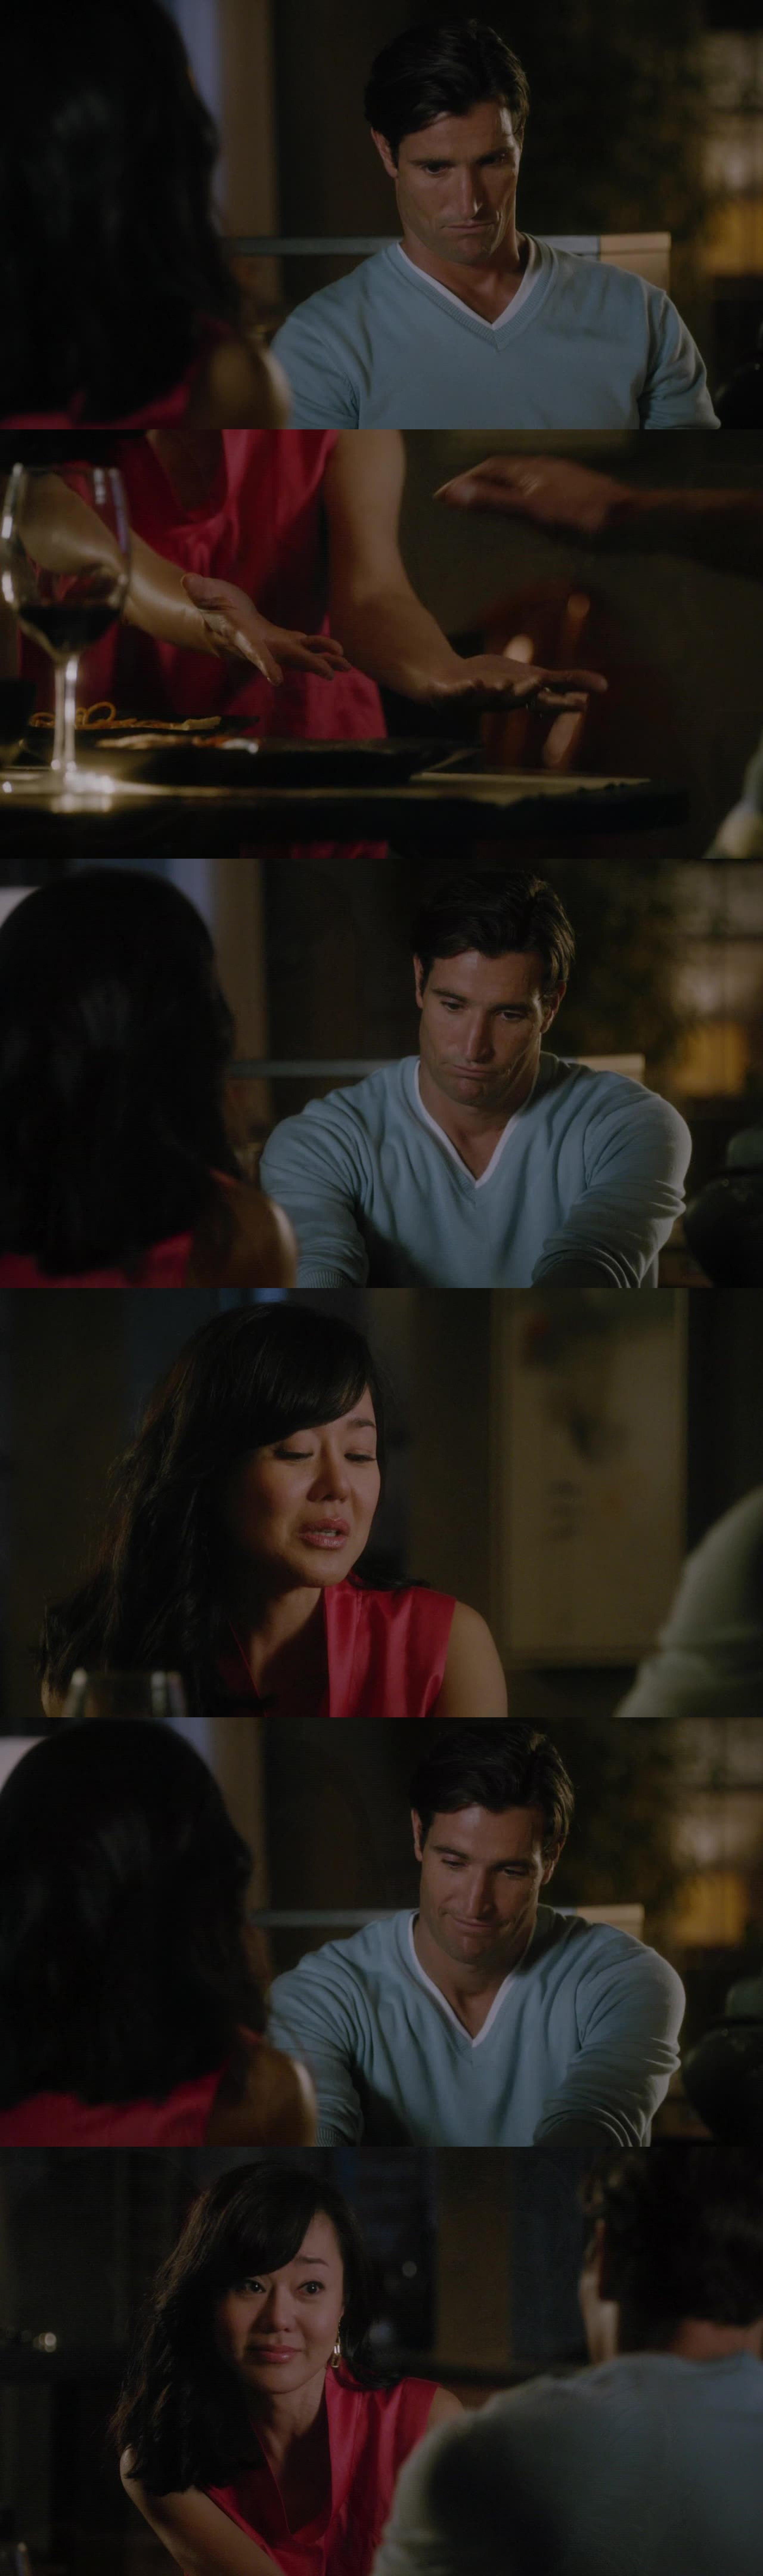 Ce moment était juste horrible ! Ils sont tellement mignons ensembles ! Comme quoi le timing est important dans une relation...